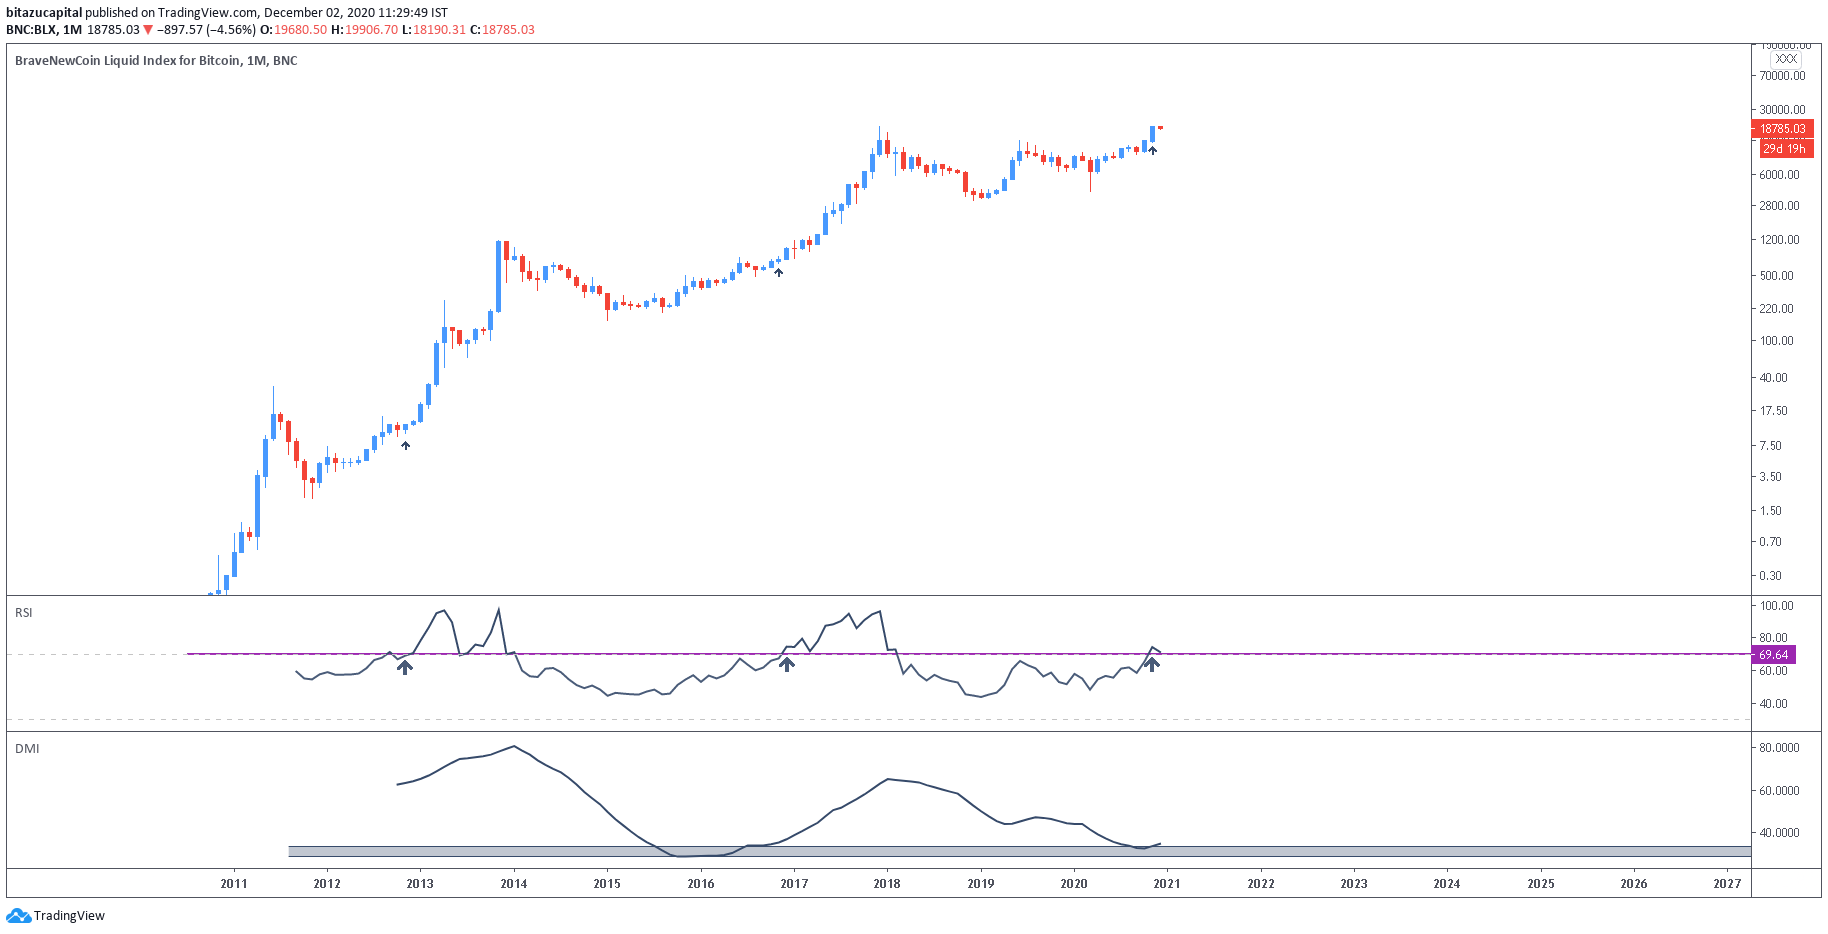 Grafico mensile di Bitcoin con RSI e DMI